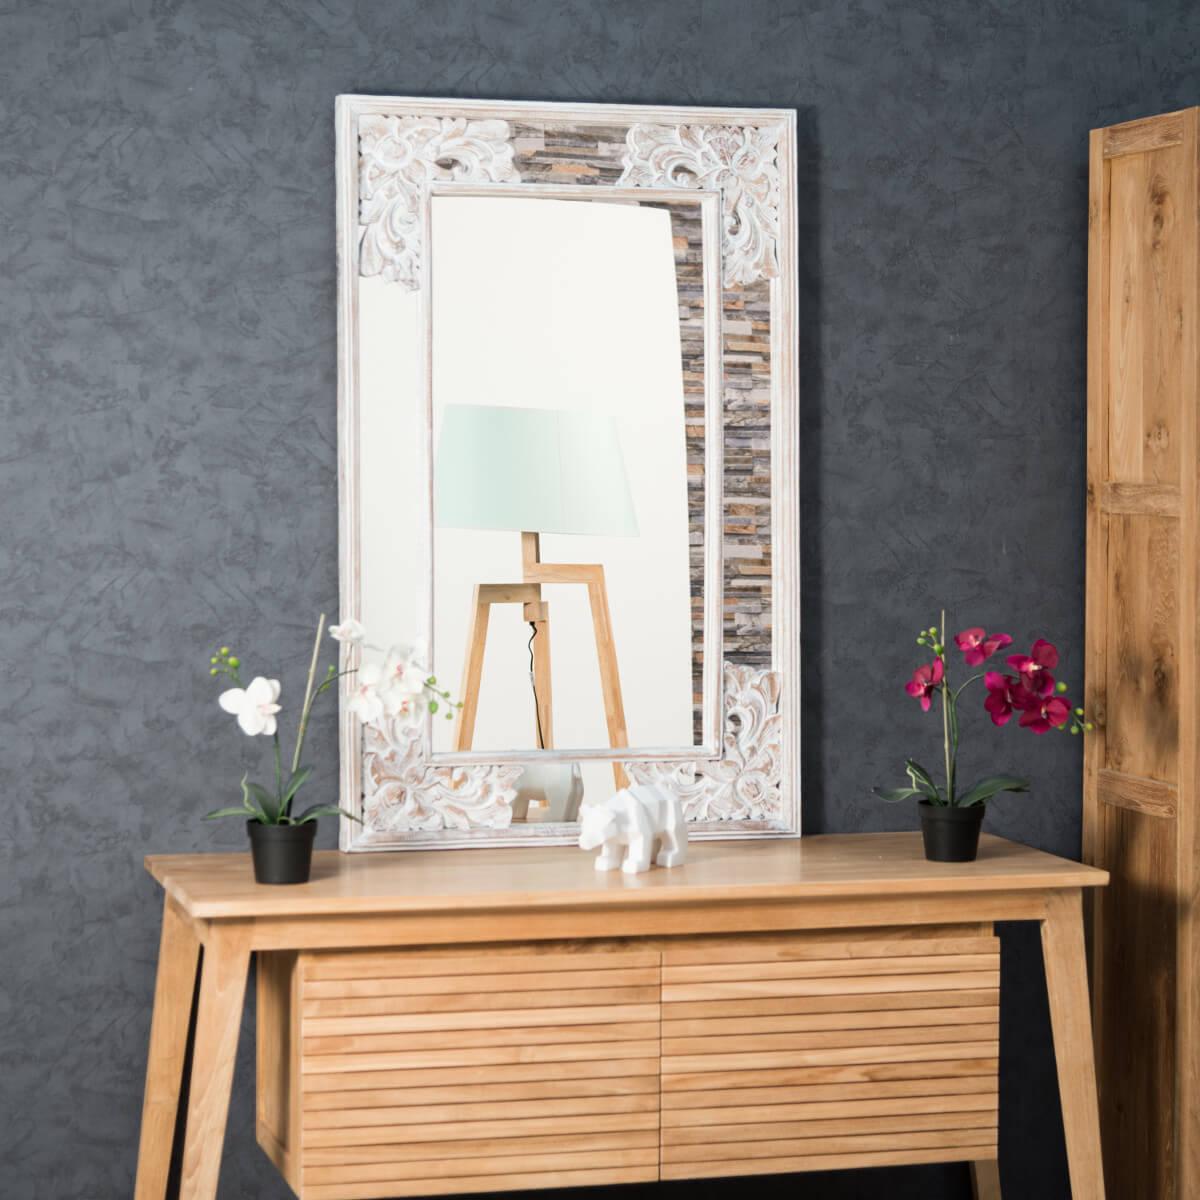 miroir de d coration en bois massif mathilde carr bois patin blanc d 1 m 10 x 70 cm. Black Bedroom Furniture Sets. Home Design Ideas